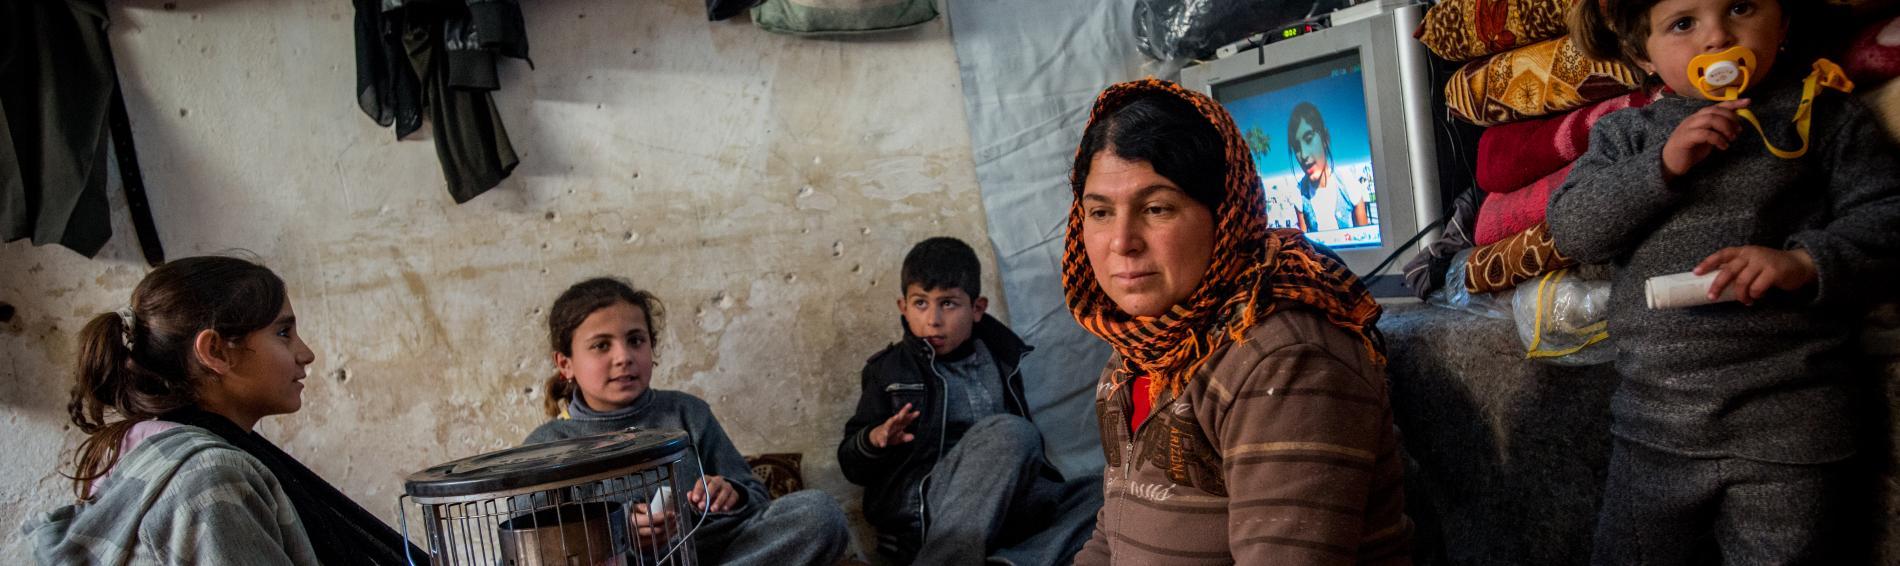 Fast 1,5 Million Menschen halten sich derzeit in Mossul auf, darunter 600.000 Kinder und Jugendliche. Foto: Guillaume Pinon